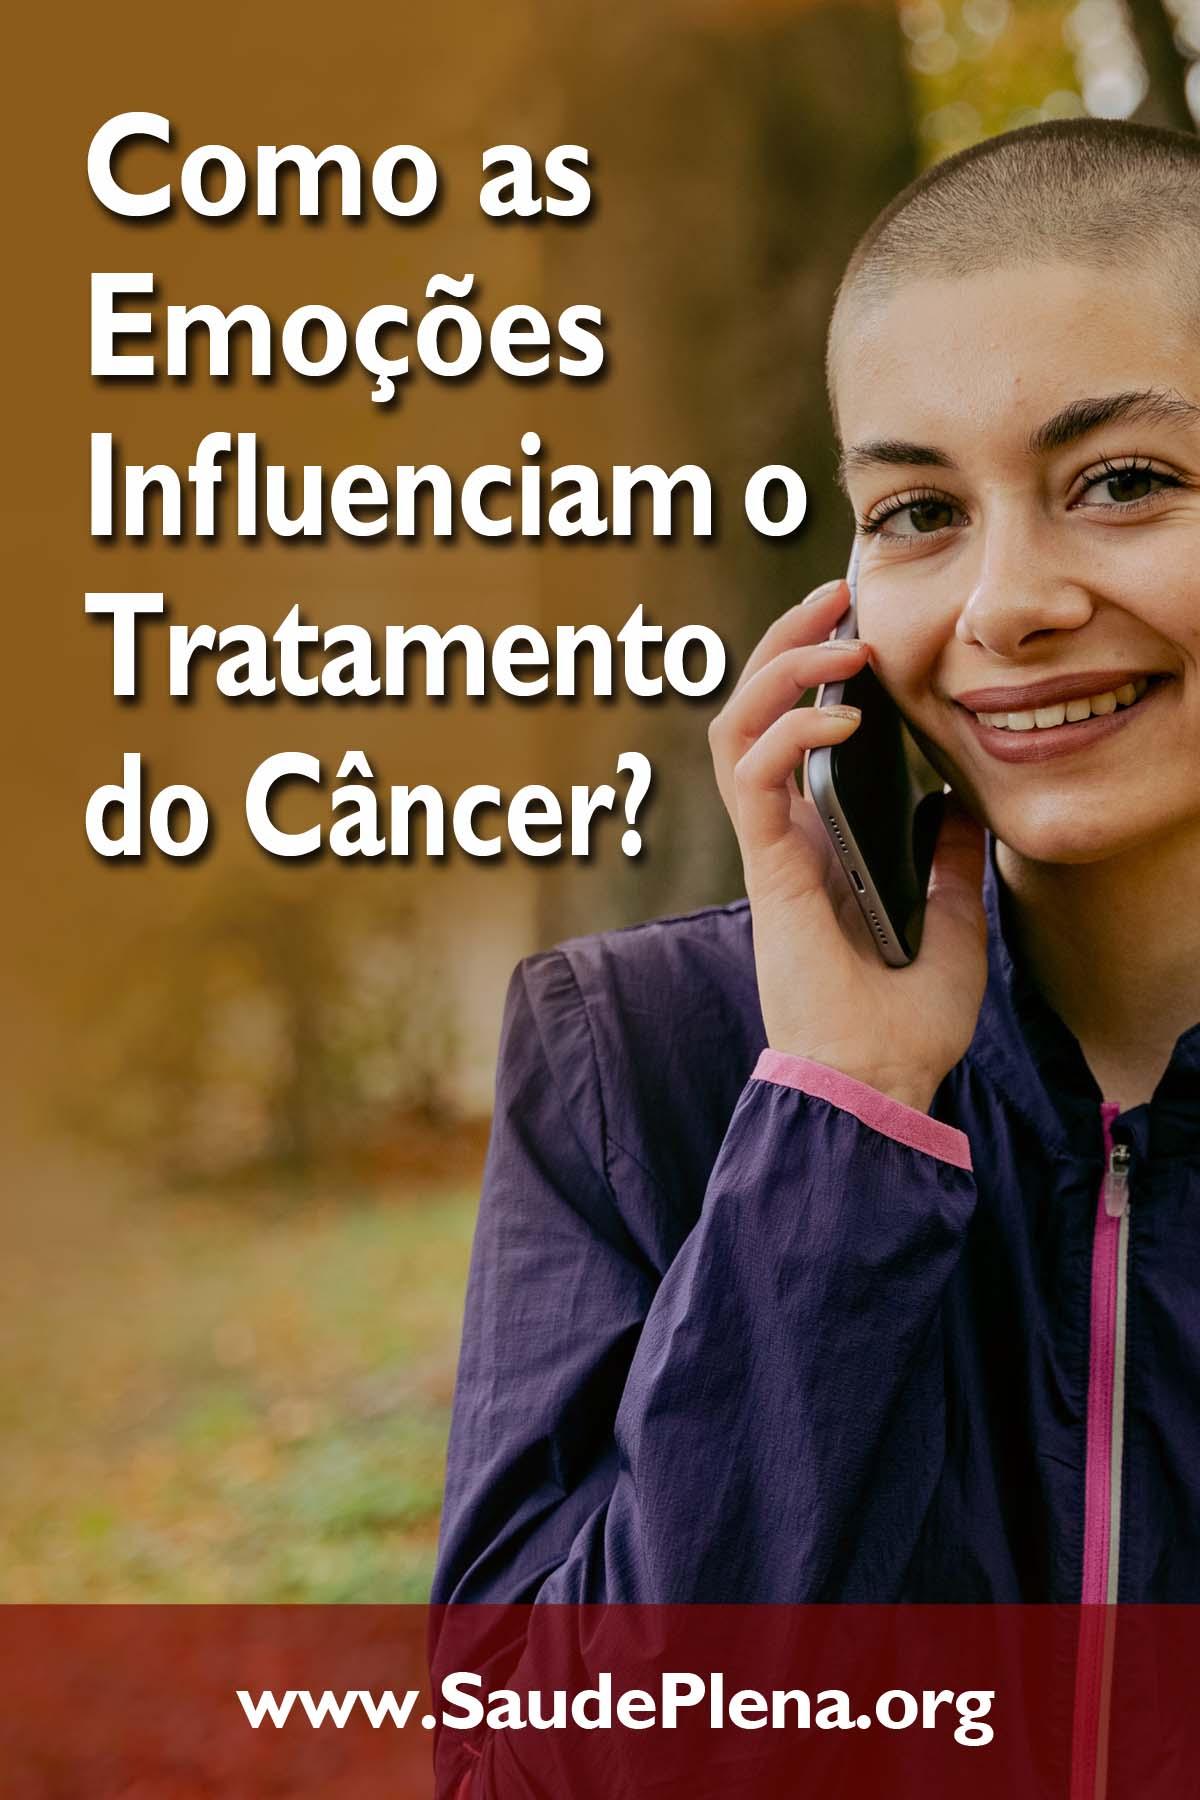 Como as Emoções Influenciam o Tratamento do Câncer?